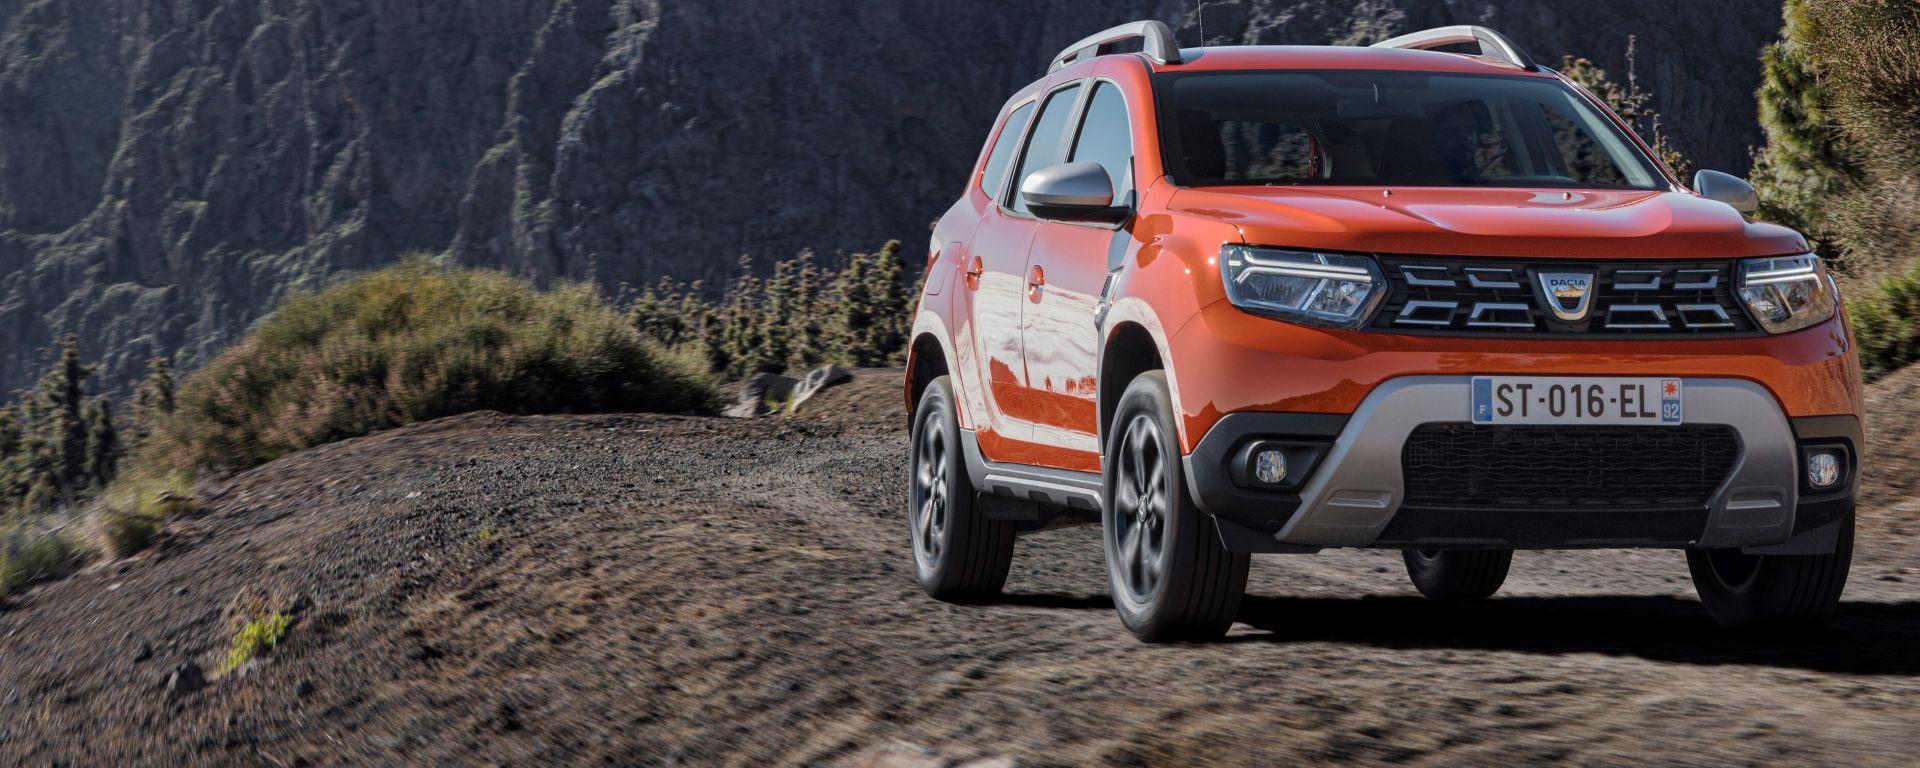 Dacia Duster 2021, restyling gusto Sandero. Tutte le novità